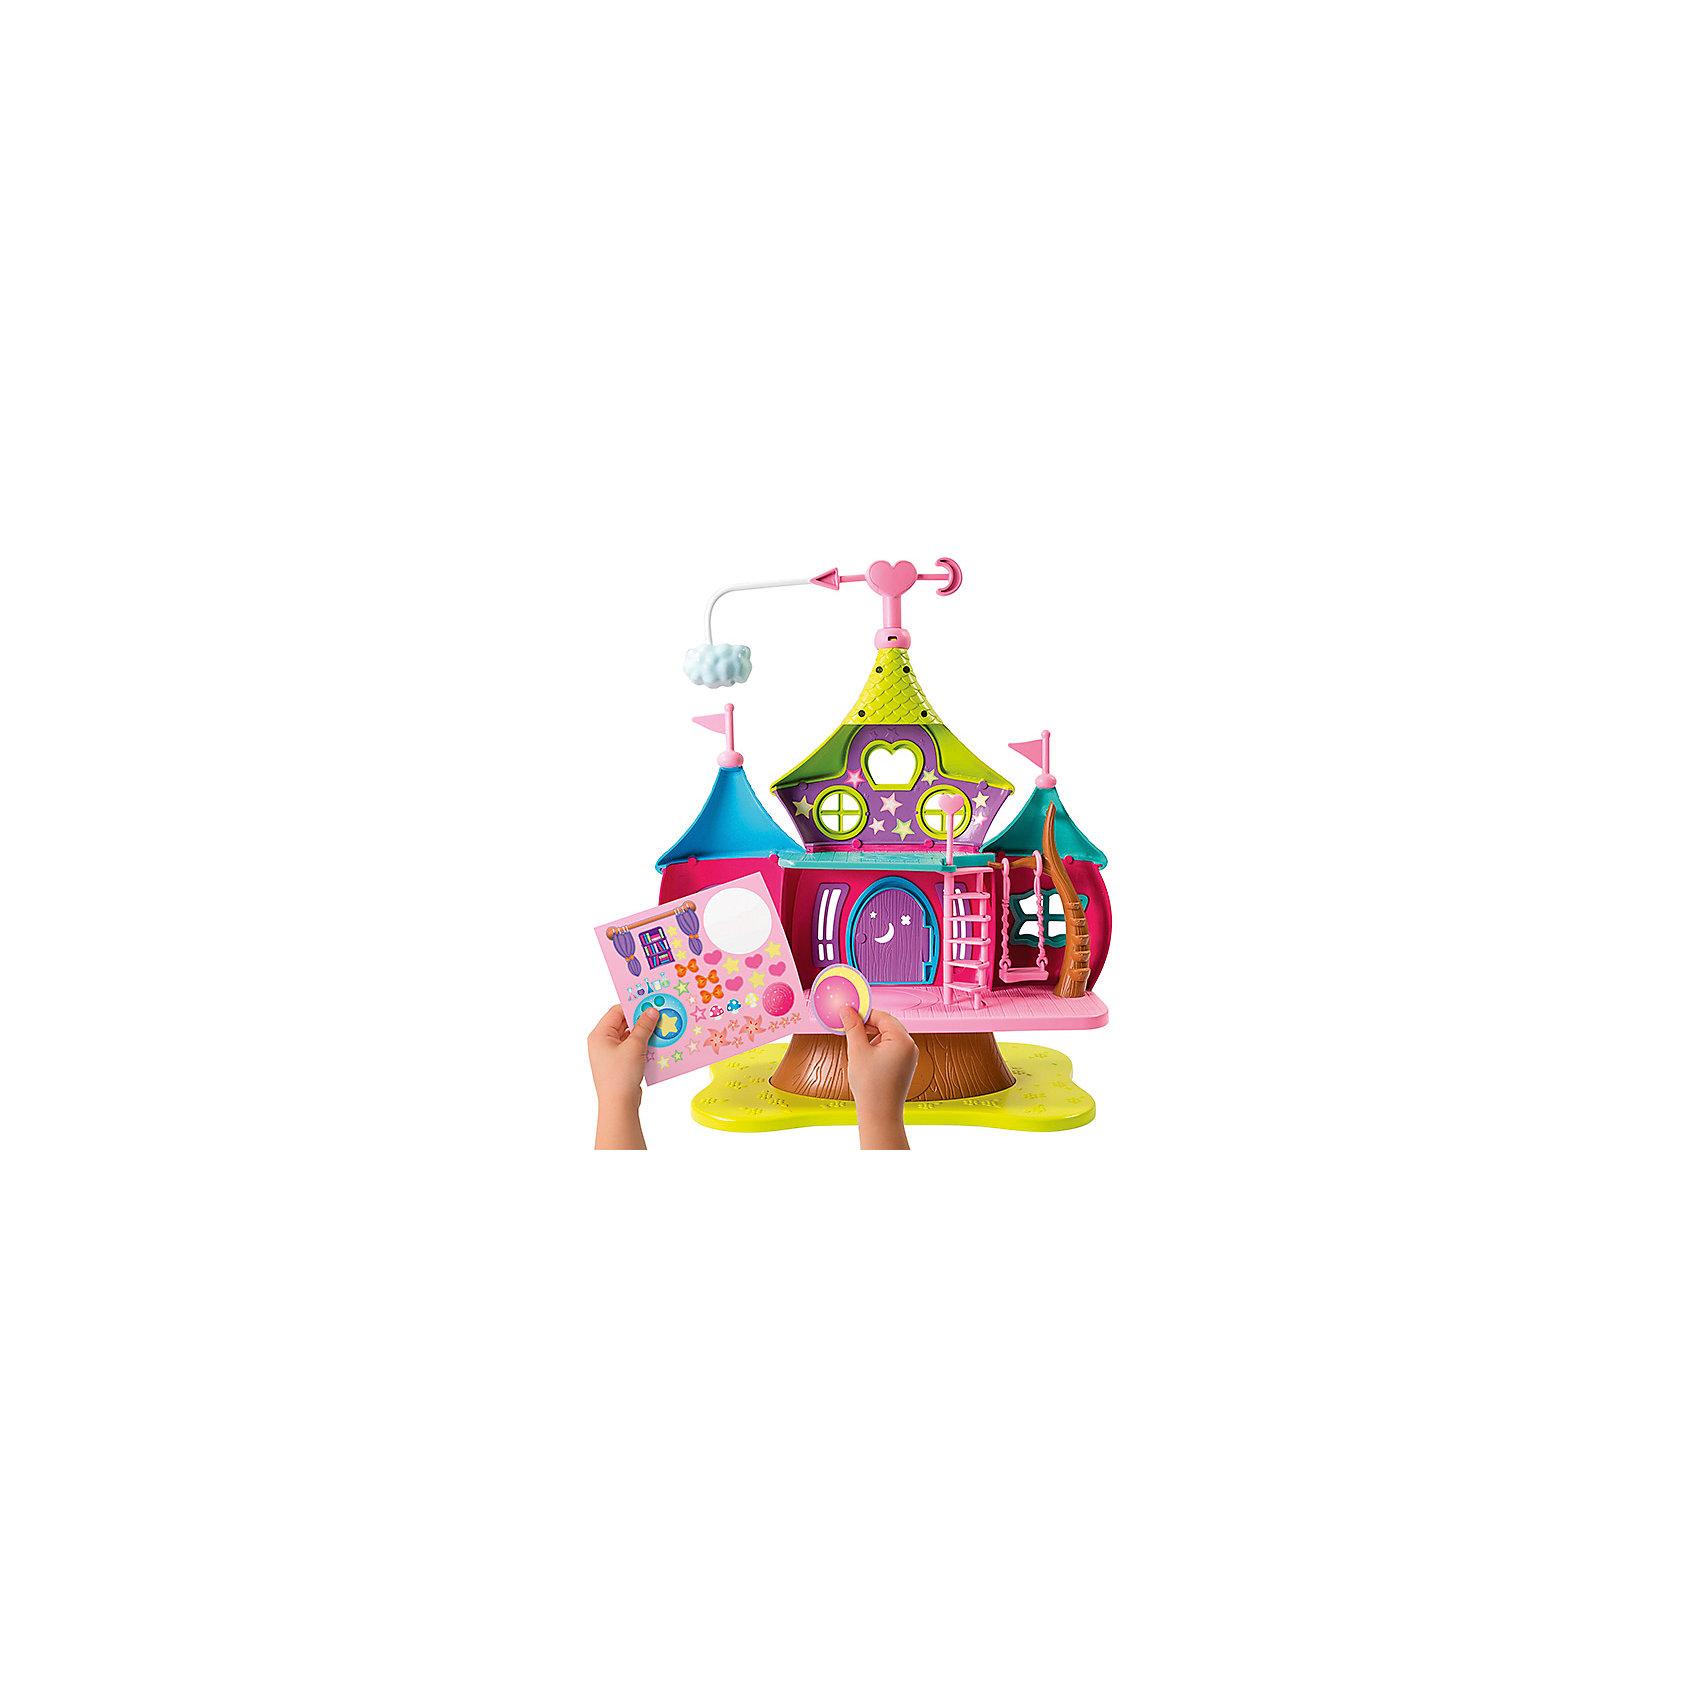 Дом волшебниц с фигуркой Хэйзл, м/ф Маленькие волшебницы, Spin MasterДомики и мебель<br>Новинка от всемирно известного производителя Spin Master - игрушка по мотивам мультфильма Маленькие волшебницы. Очаровательный кукольный домик выглядит ярко и очень эффектно. У него два этажа, есть лестница и подвесные качели. Также имеется котел, в котором варится волшебное зелье. В комплект также входит небольшая фигурка одной из главных героинь мультфильма - Хэйзл  (размер около 8 см, руки и ноги подвижны). Кроме того, в набор включен лист с наклейками, ими можно декорировать дом по своему усмотрению.<br><br>Ширина мм: 490<br>Глубина мм: 380<br>Высота мм: 130<br>Вес г: 1775<br>Возраст от месяцев: 36<br>Возраст до месяцев: 120<br>Пол: Женский<br>Возраст: Детский<br>SKU: 4967269